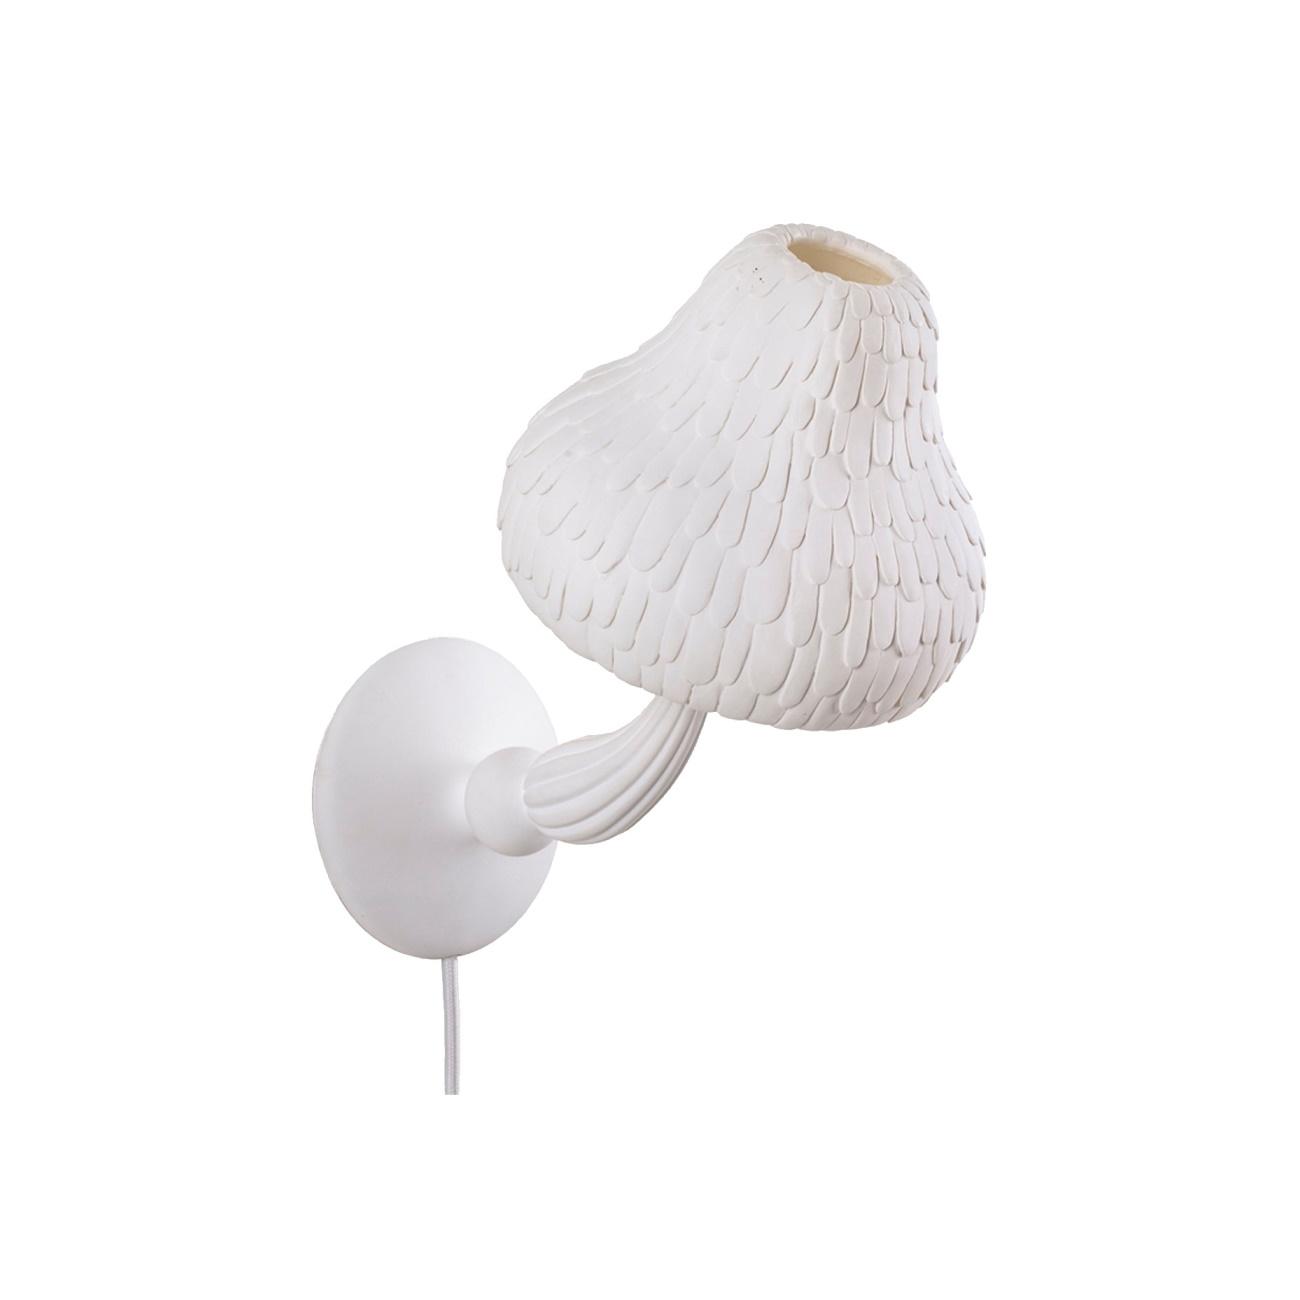 Seletti Mushroom Lamp